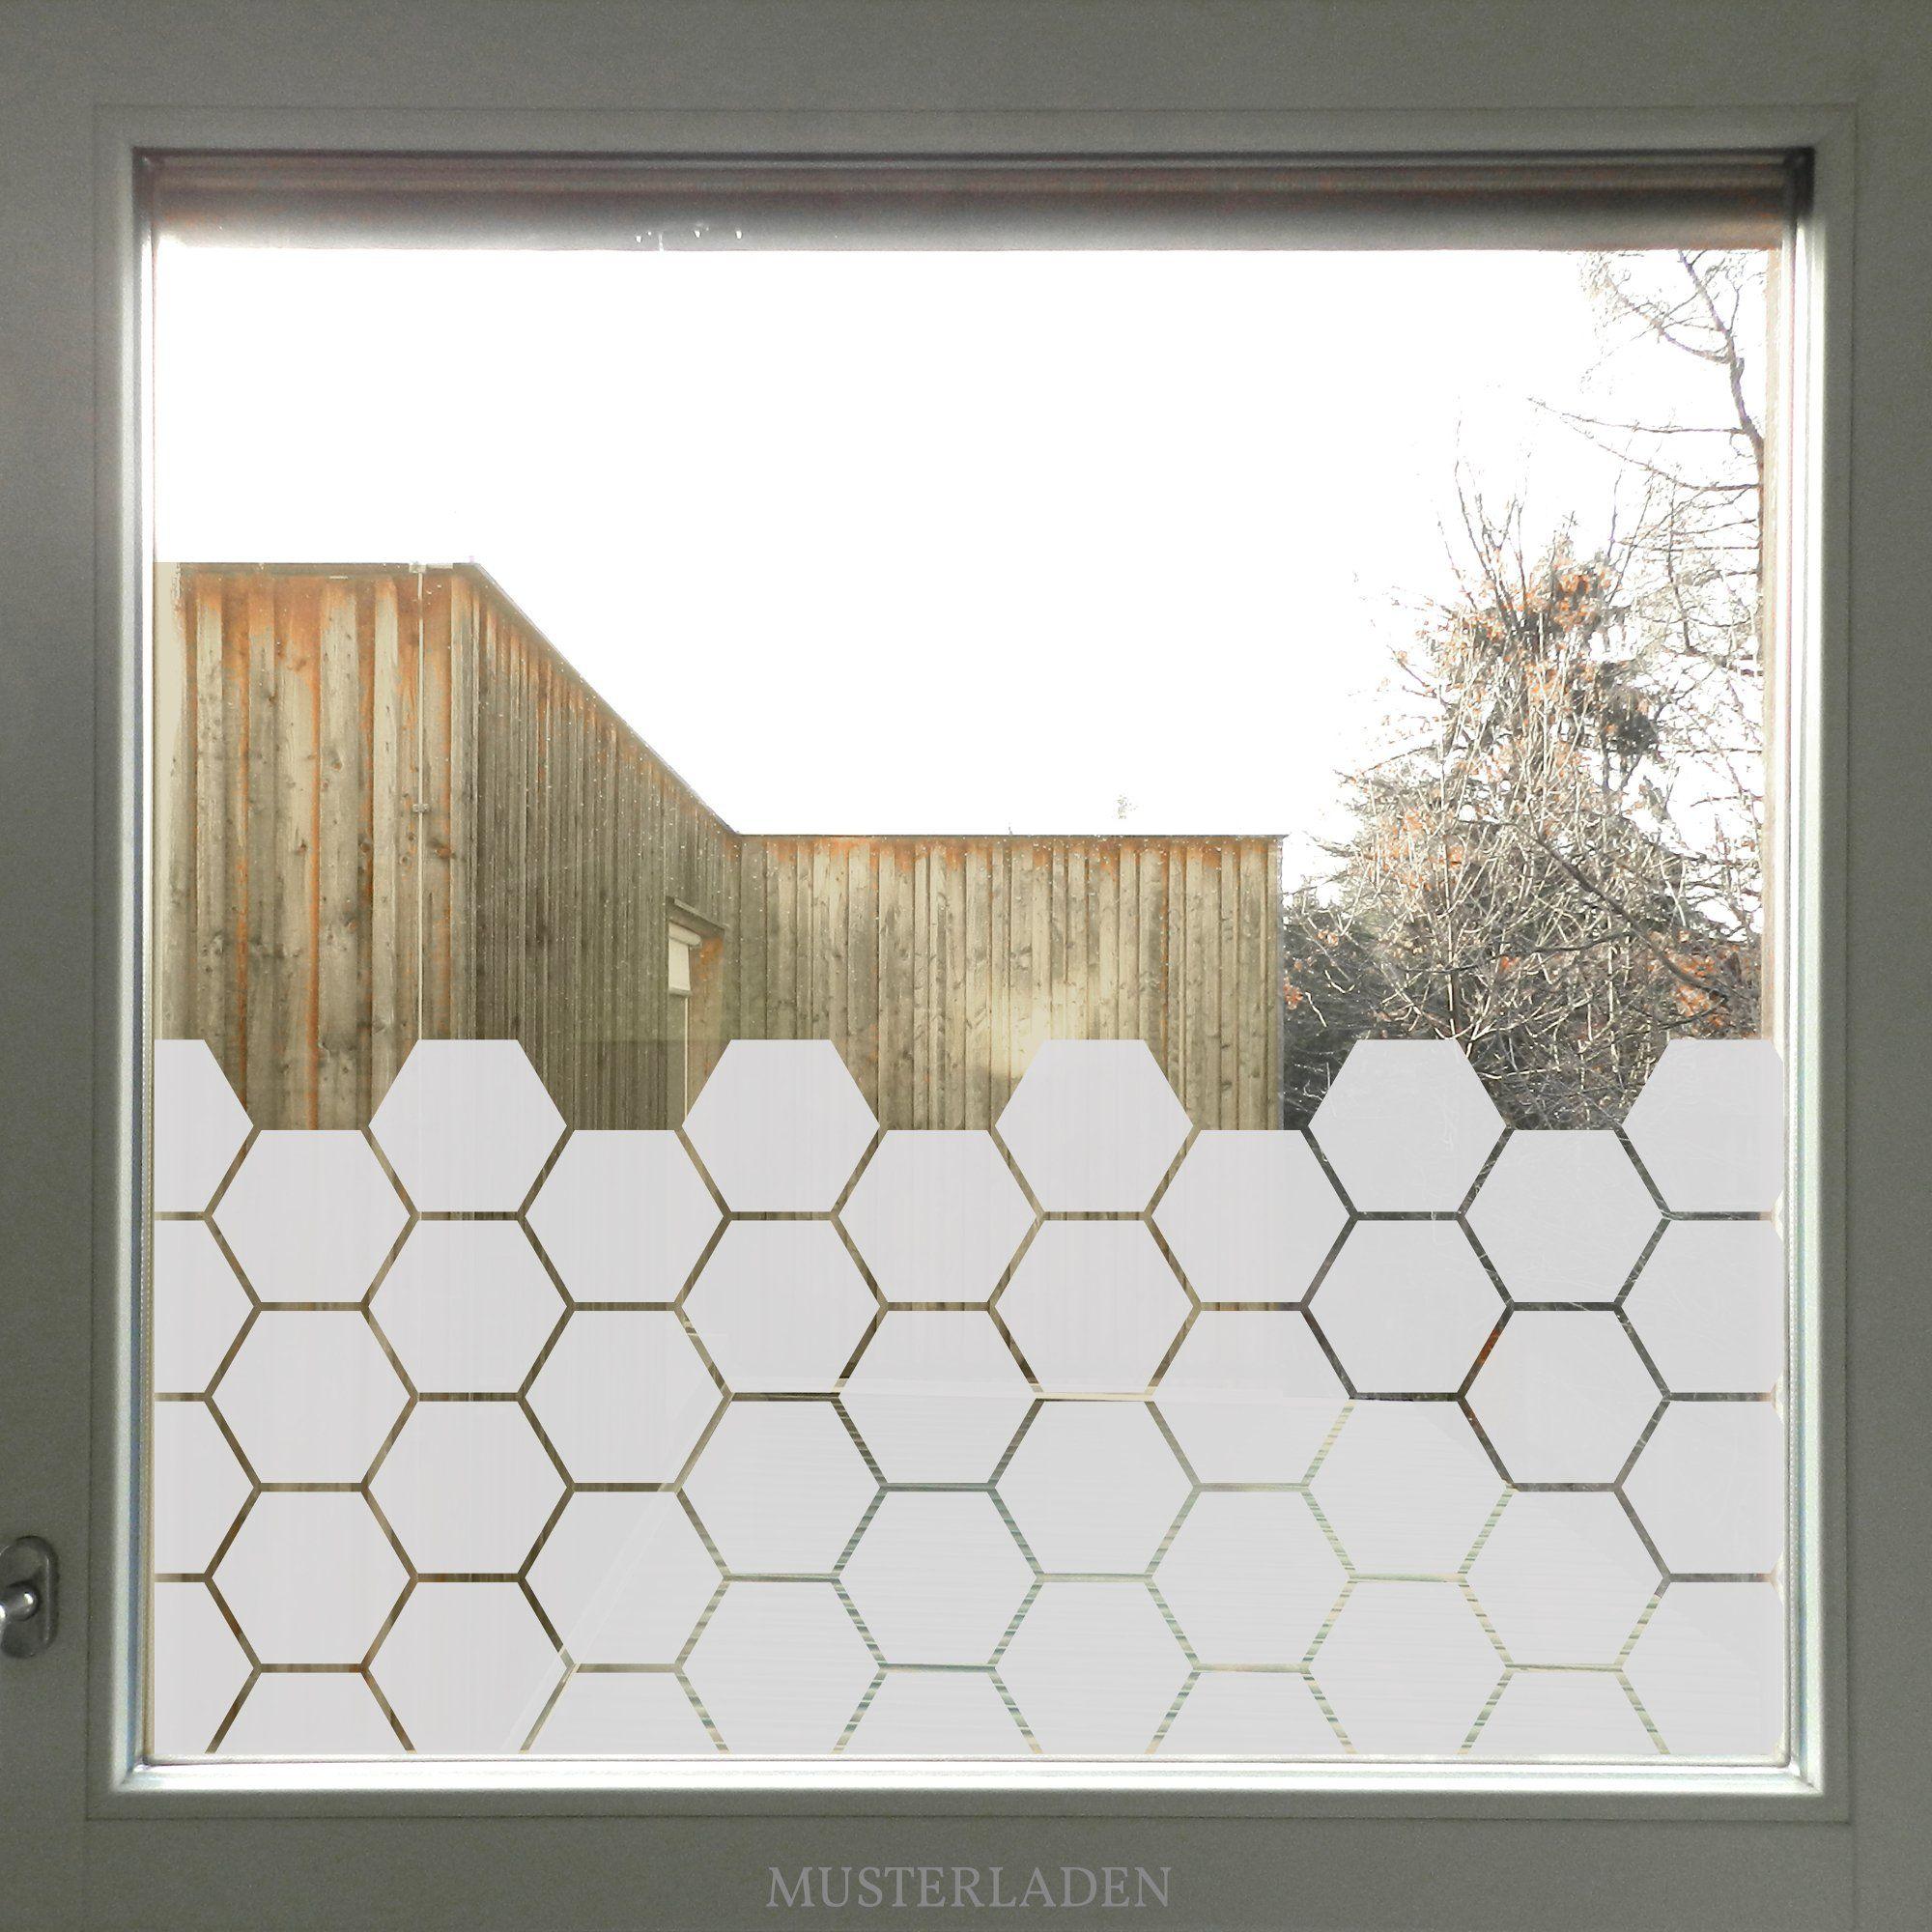 Glasdekorfolie Sechseck Fensterfolie Bienenwabe Fensterfolie Fenster Privatsphare Fenster Dekor